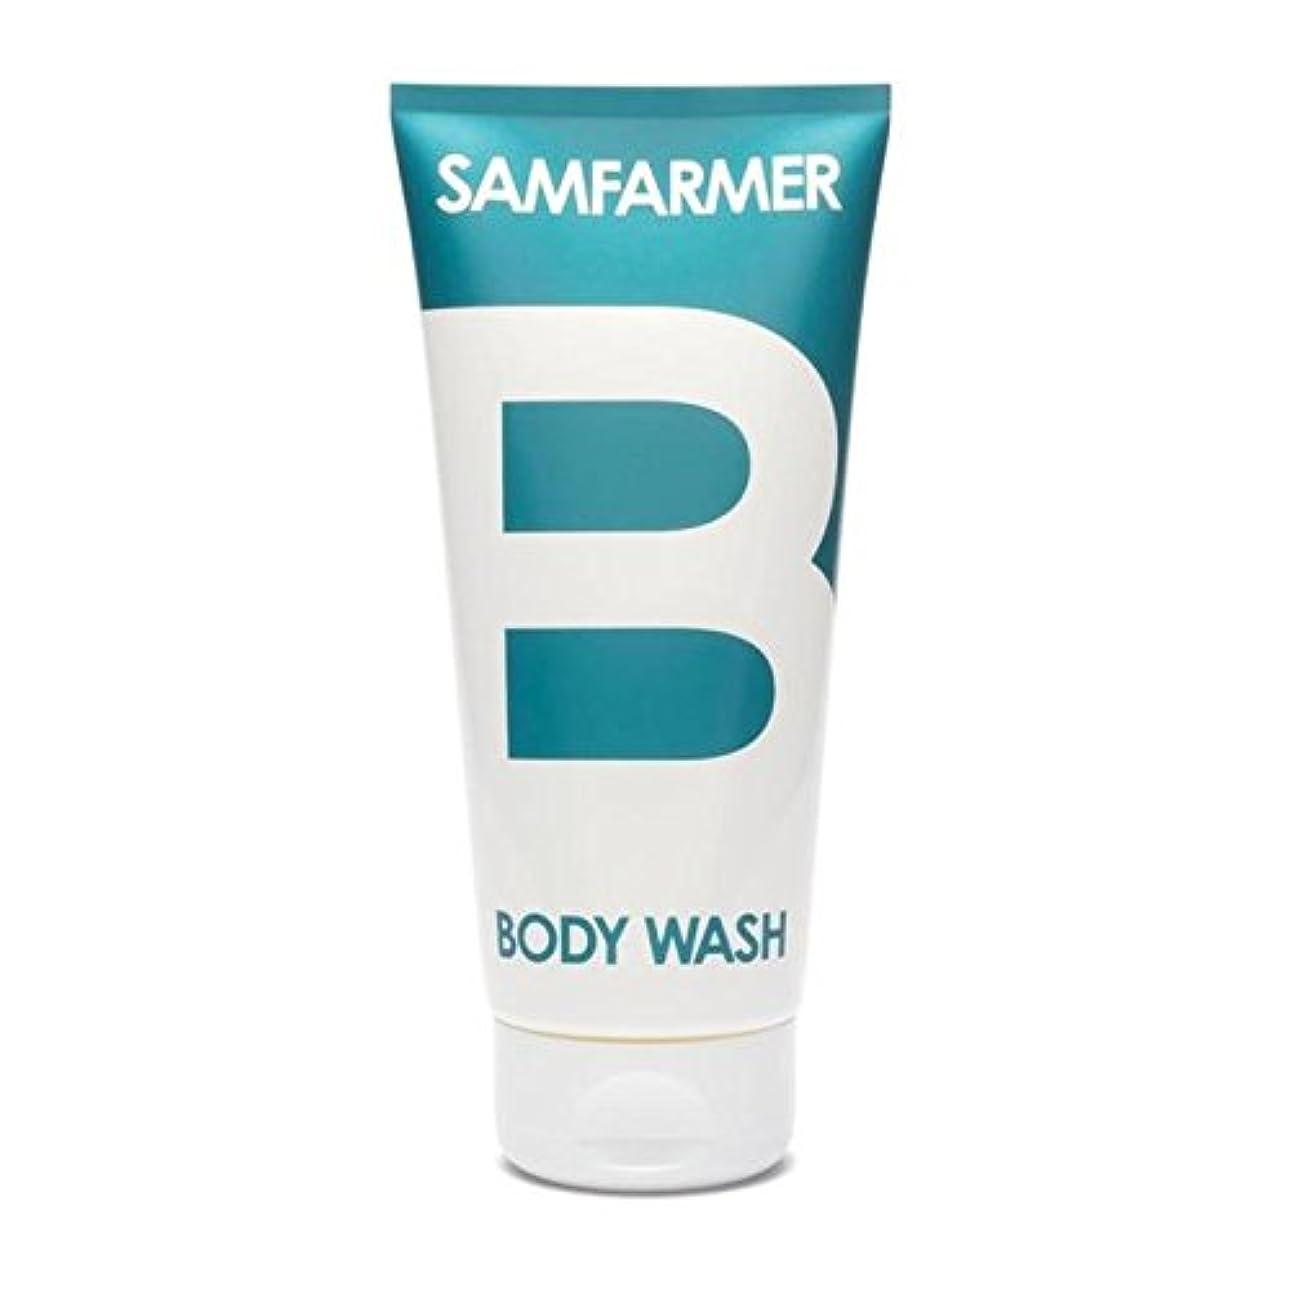 ニッケルパキスタン砦SAMFARMER Unisex Body Wash 200ml - ユニセックスボディウォッシュ200ミリリットル [並行輸入品]